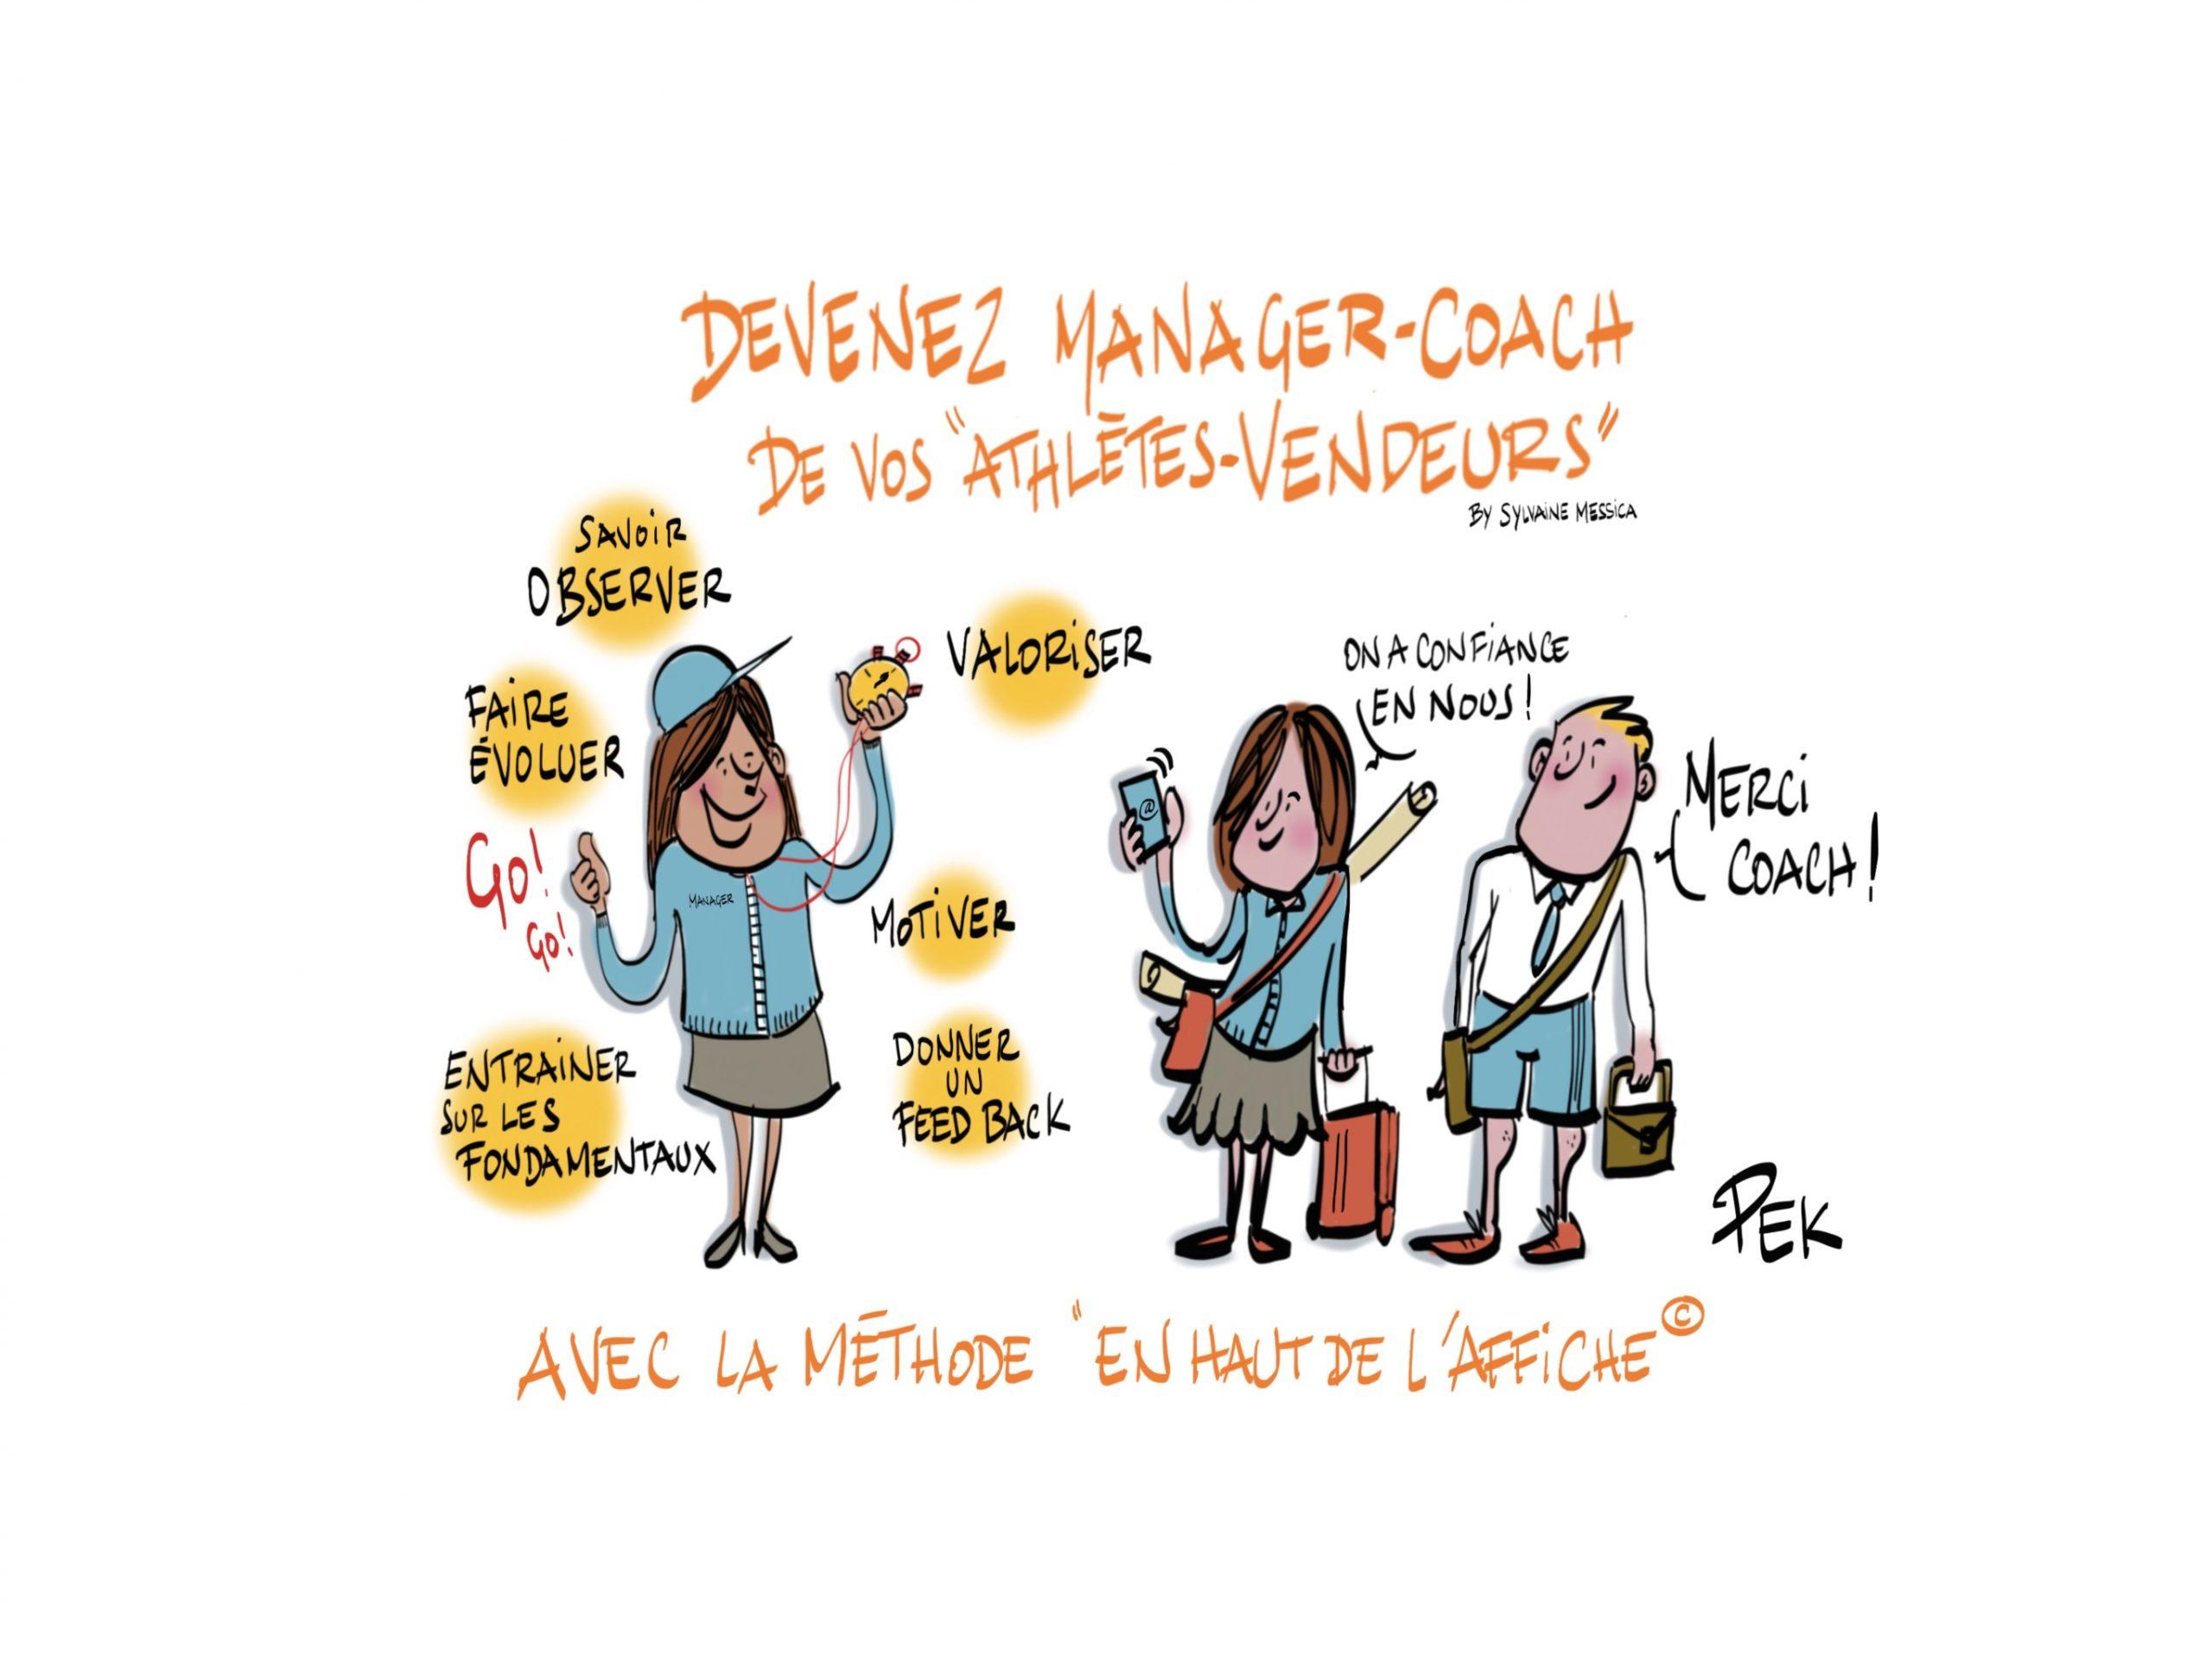 Manager-coach, une formation de EN HAUT DE L'Affiche, animée par Sylvaine Messica et son équipe